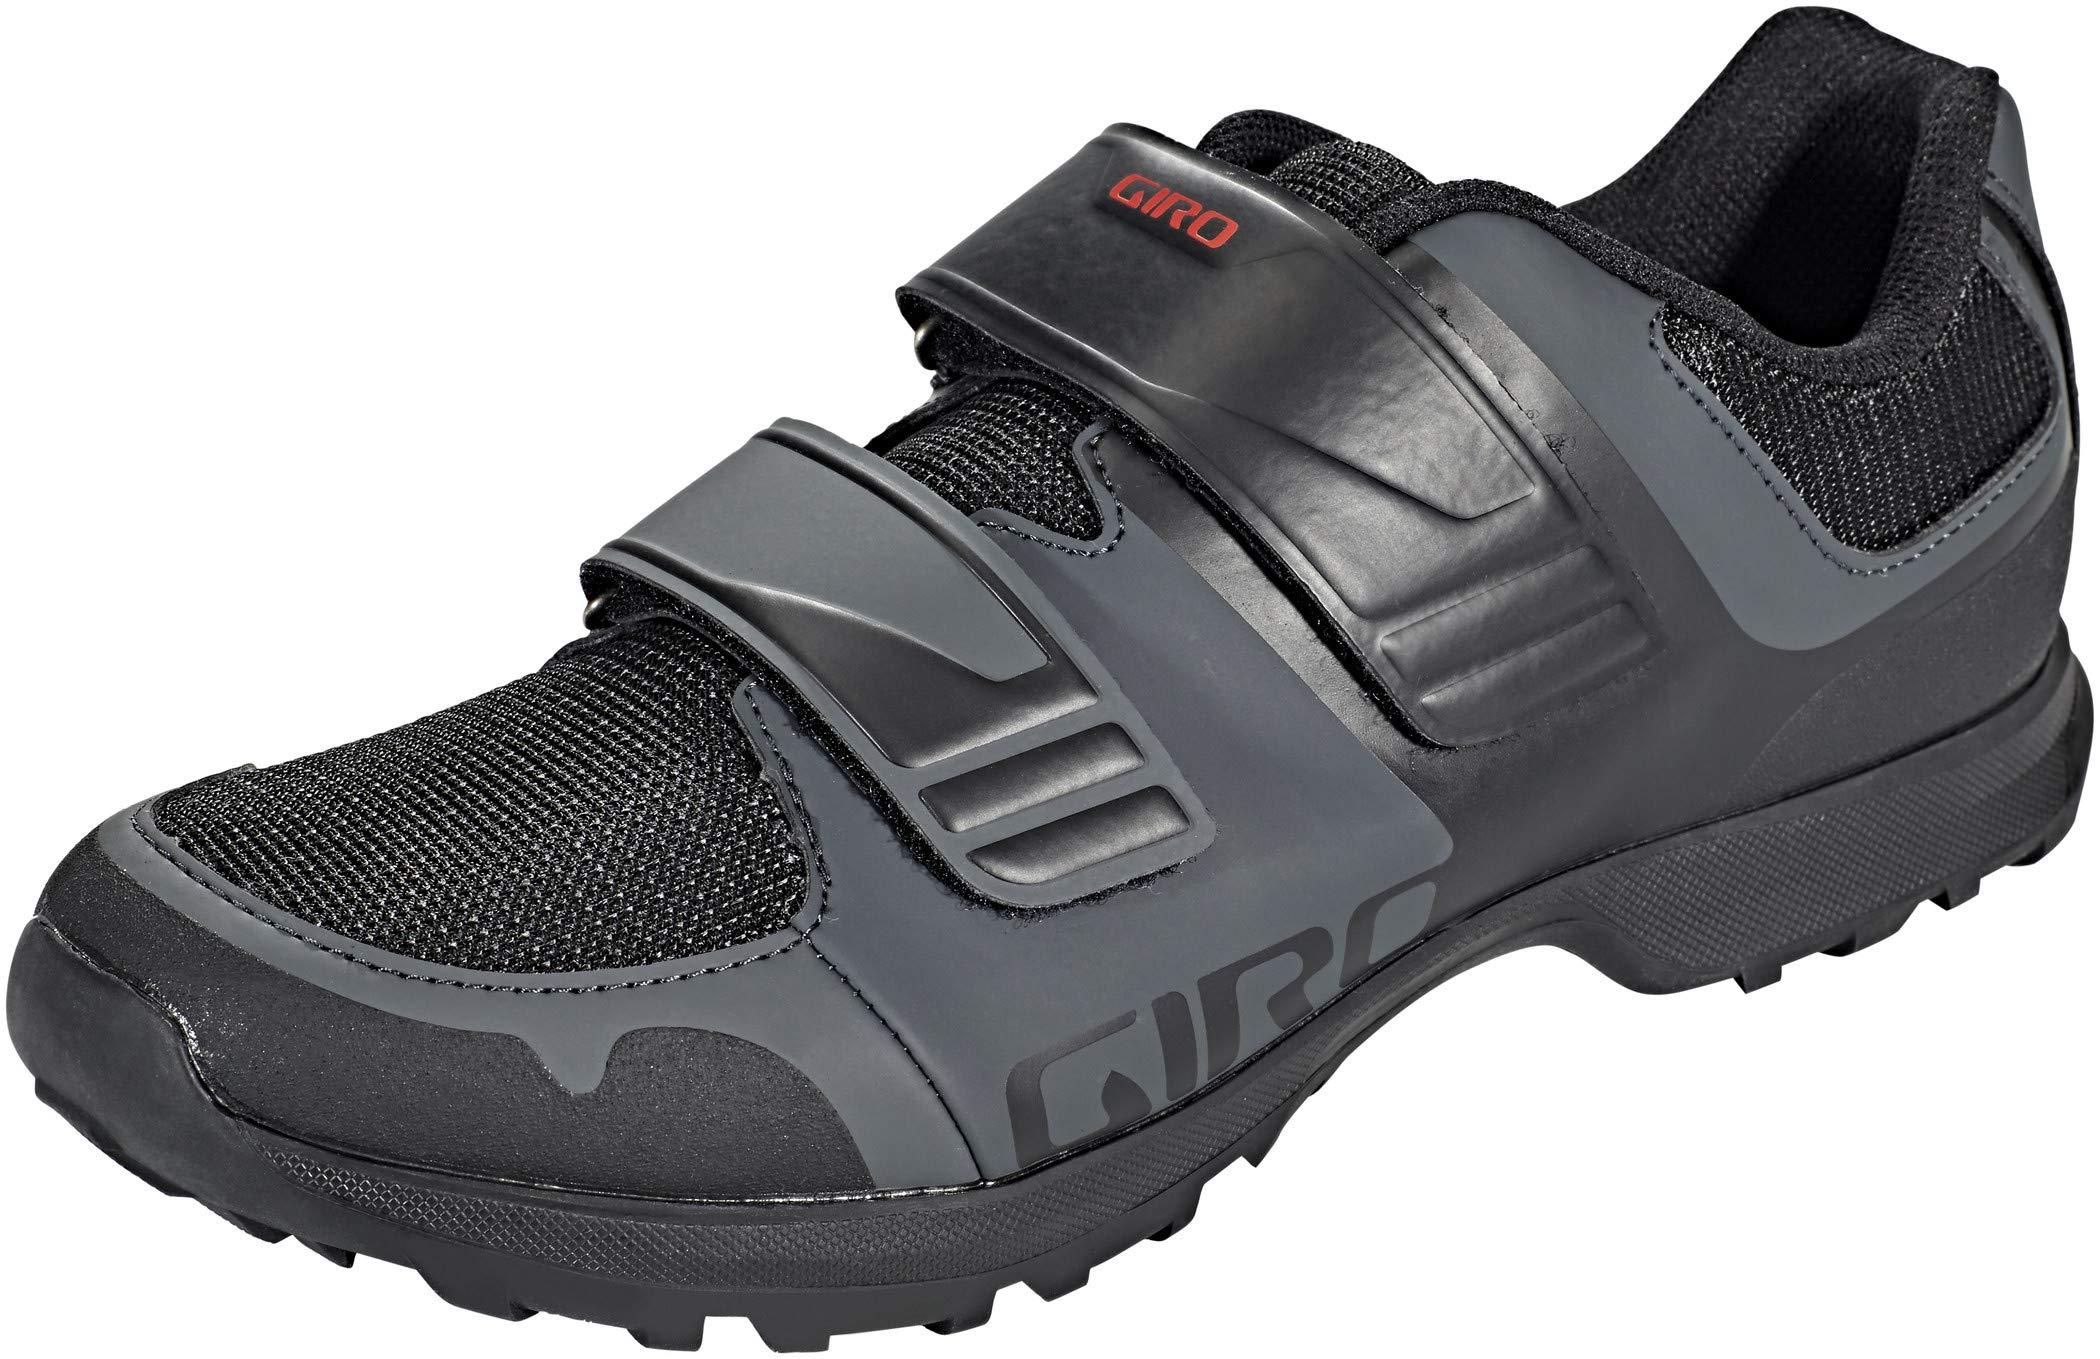 Giro Berm Cycling Shoes - Men's Dark Shadow/Black 39